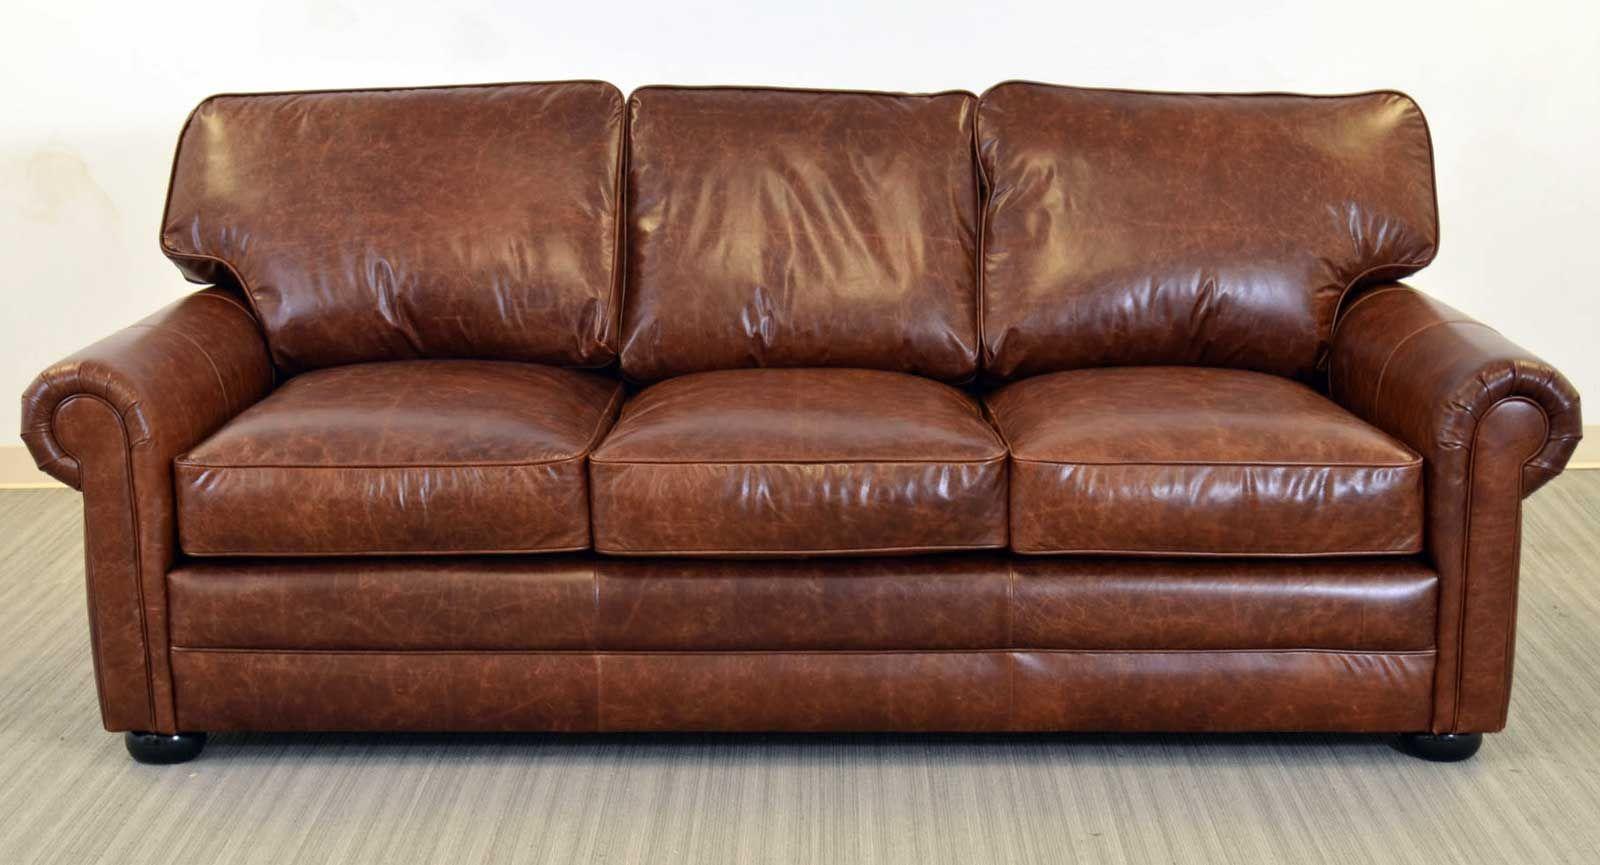 Lancaster Sofa The Leather Sofa Company Sofa Company Leather Sofa Leather Furniture